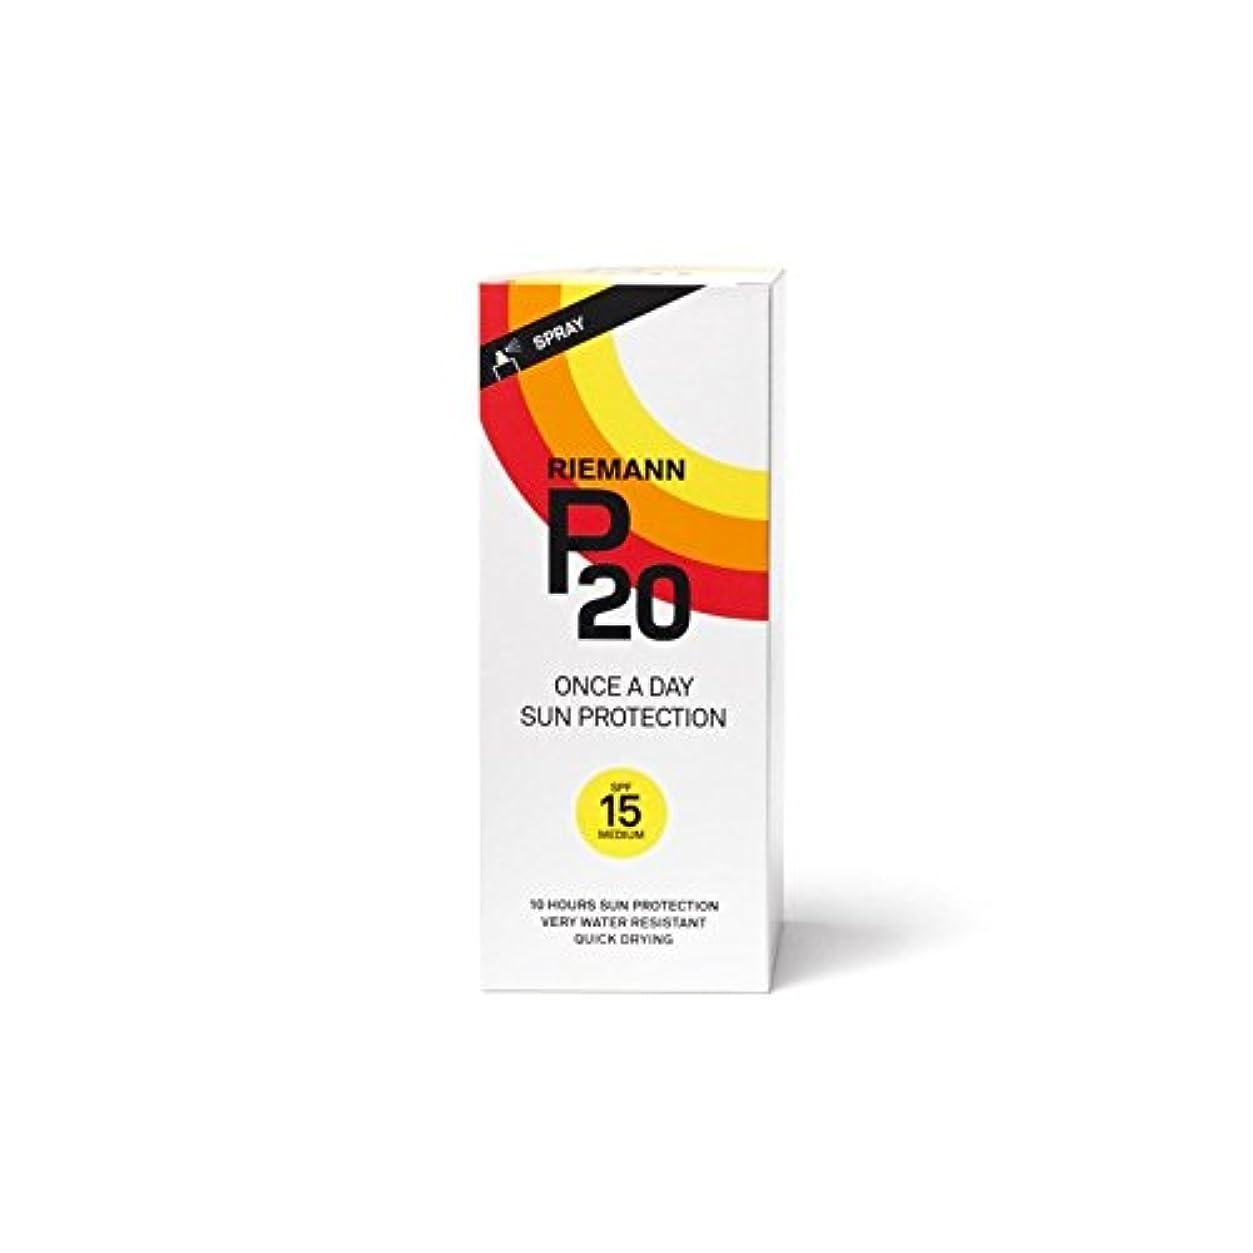 肥沃な飲み込む色Riemann P20 Sun Filter 200ml SPF15 - リーマン20のサンフィルター200ミリリットル15 [並行輸入品]